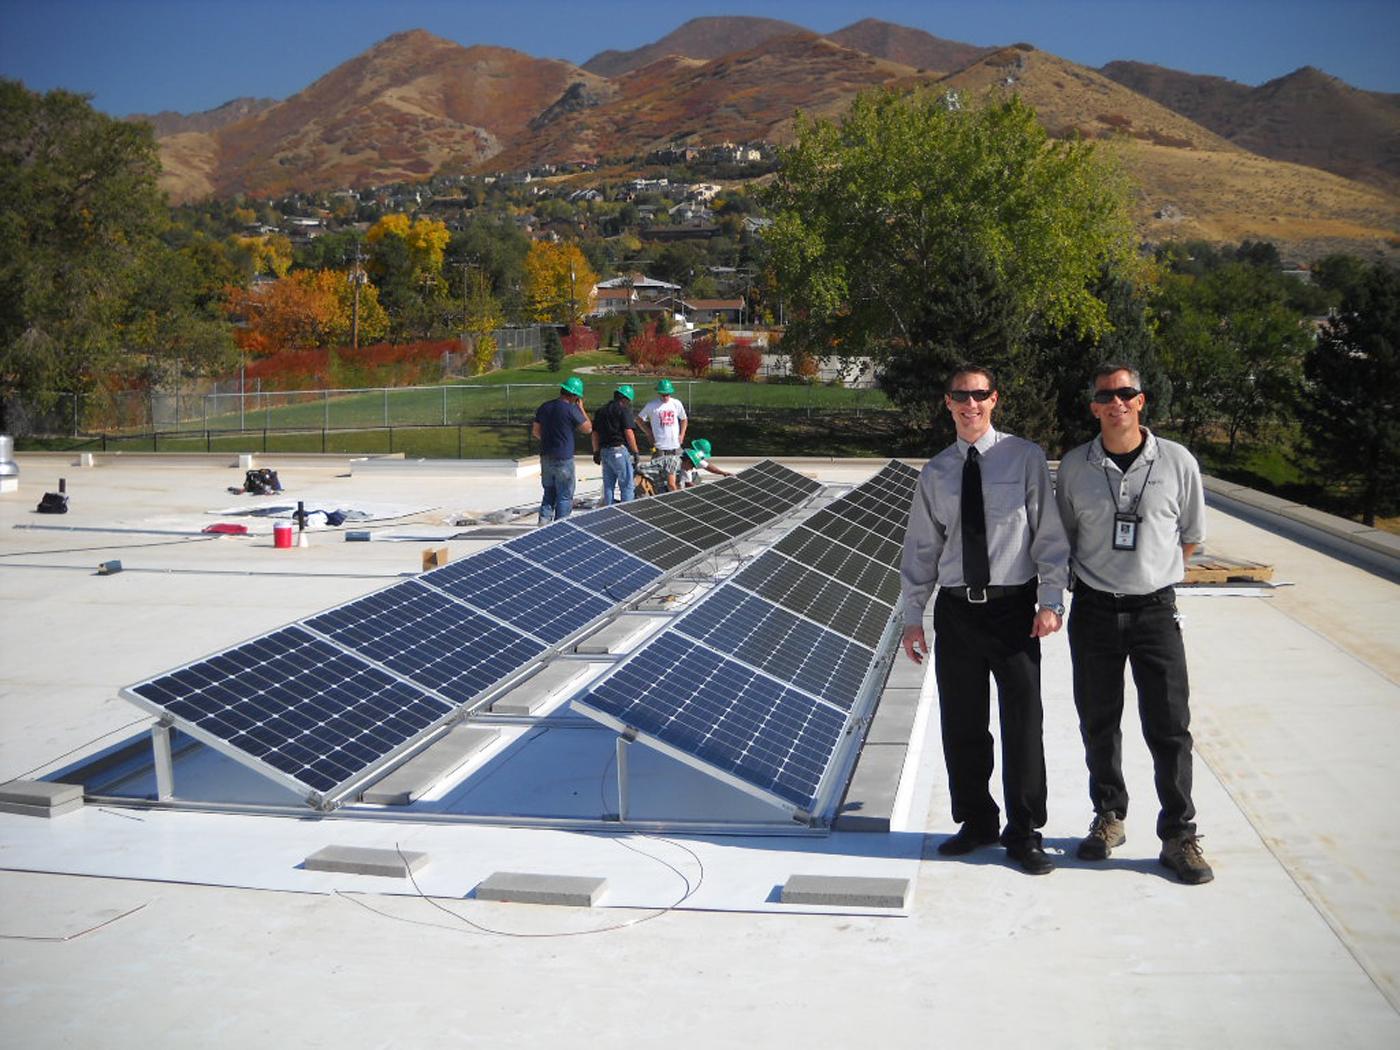 Two men standing near solar panels